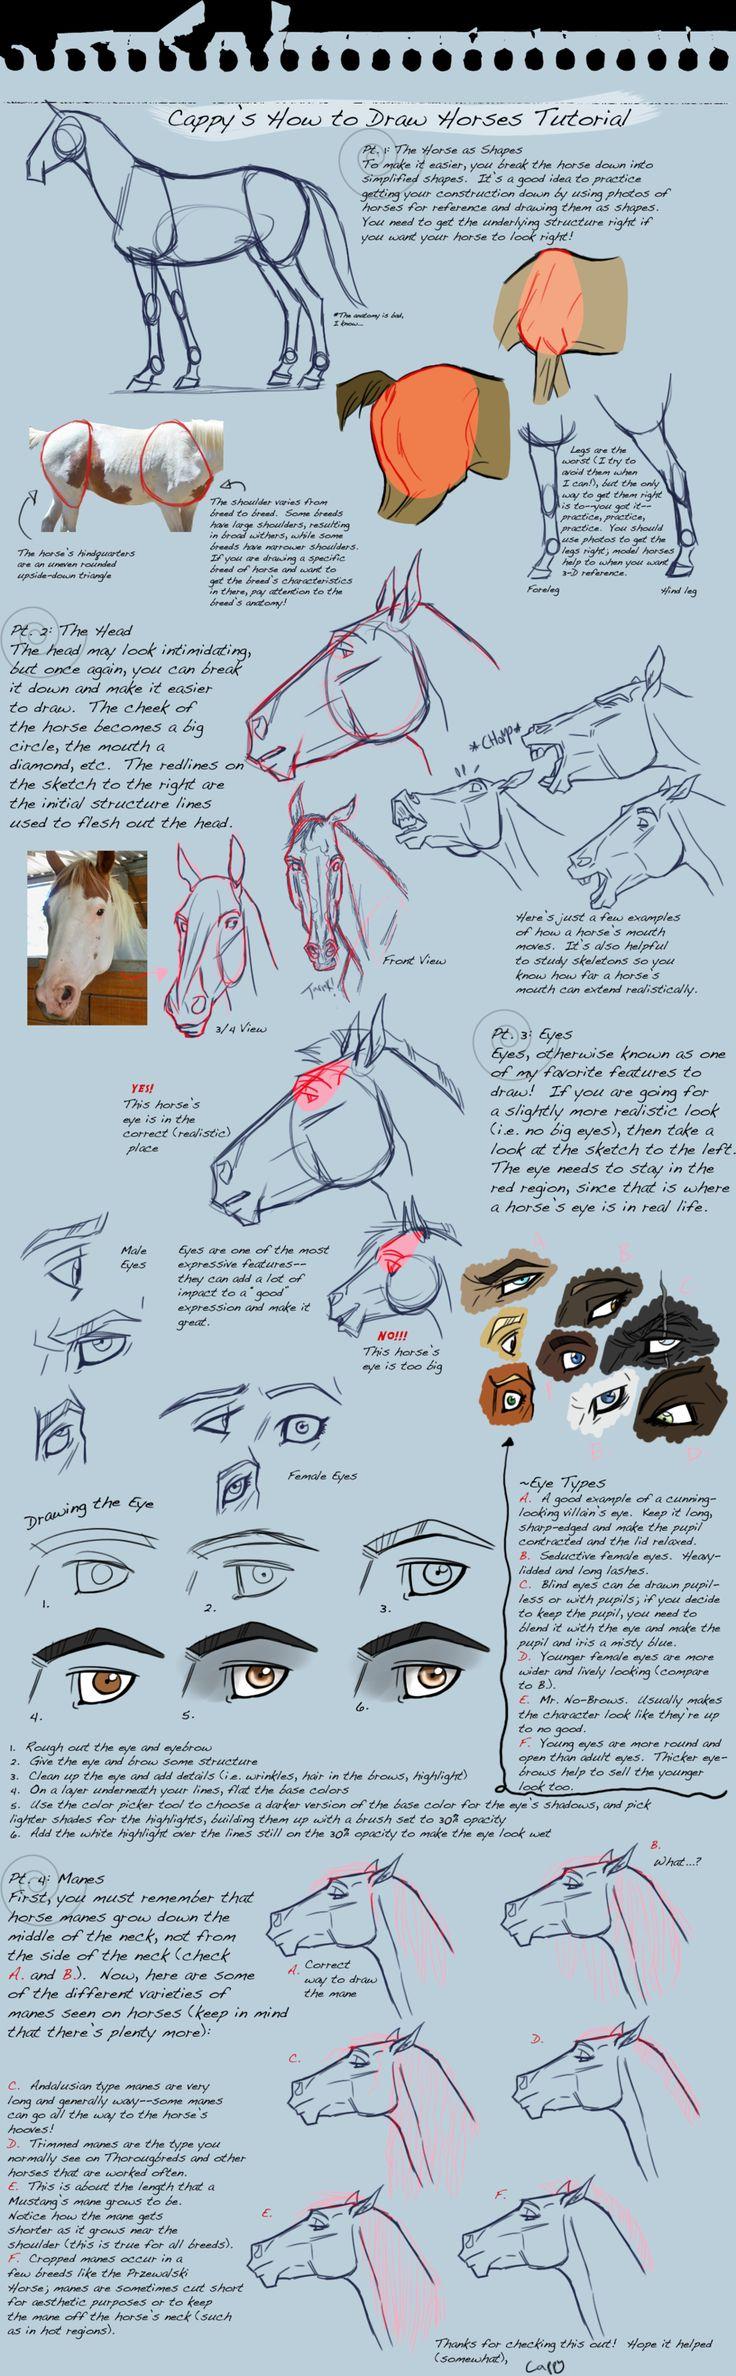 How To Draw Horses Tutorial By Capella336iantart On @deviantart